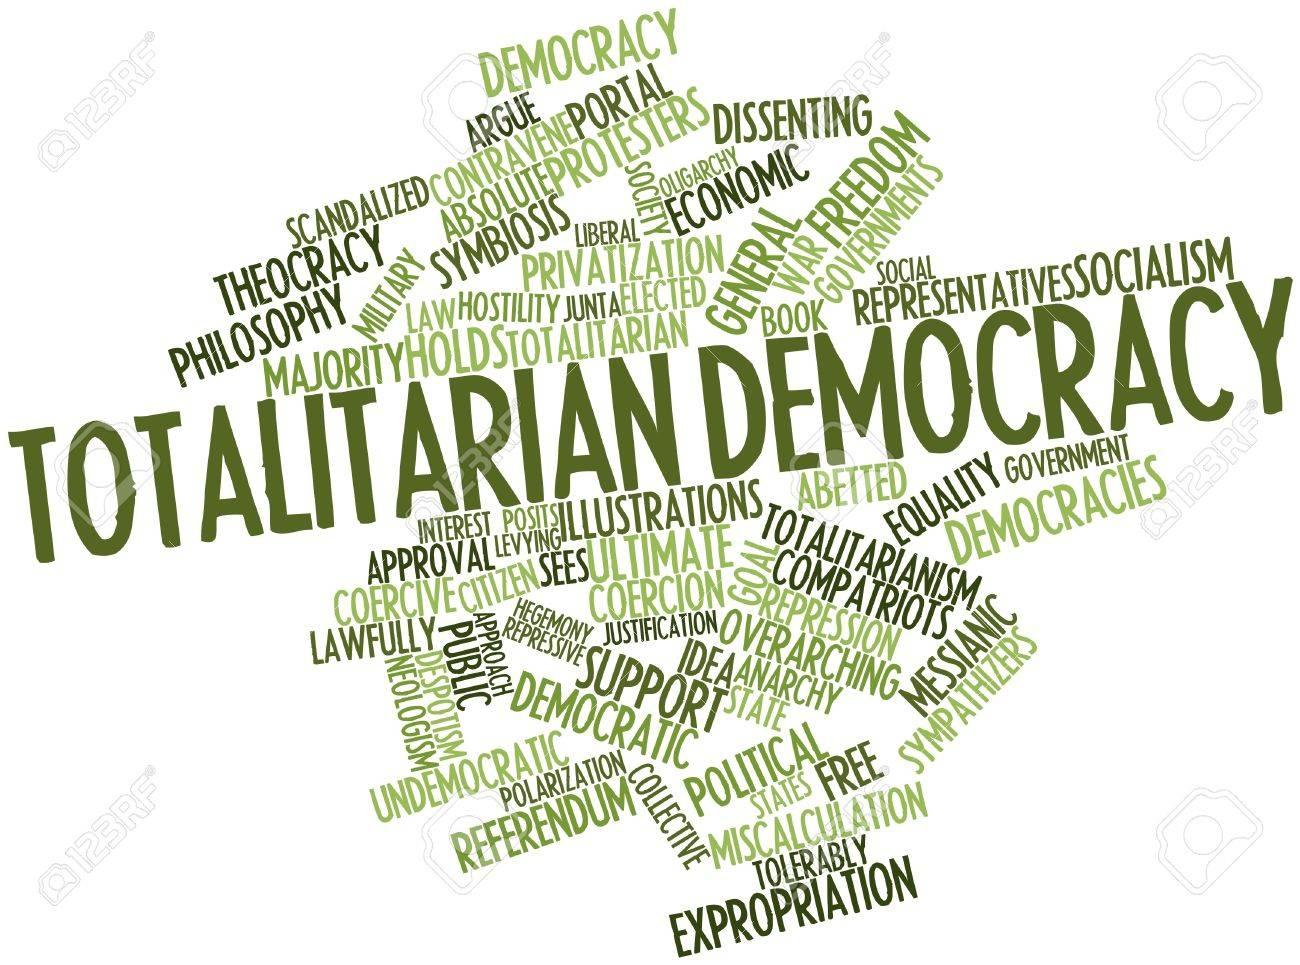 17021633-nube-palabra-abstracta-para-la-democracia-totalitaria-con-etiquetas-y-términos-relacionados.jpg